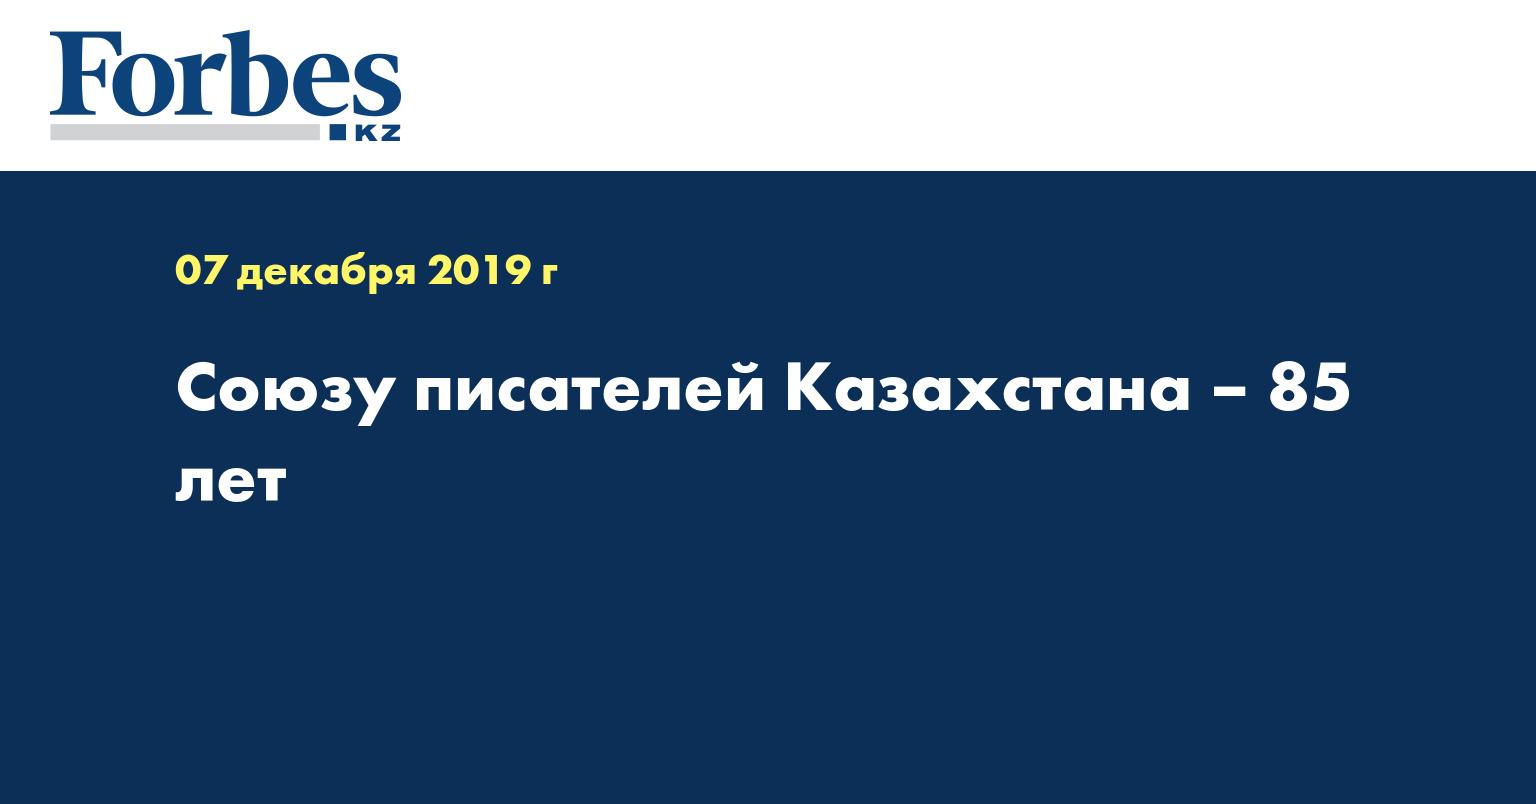 Союзу писателей Казахстана – 85 лет